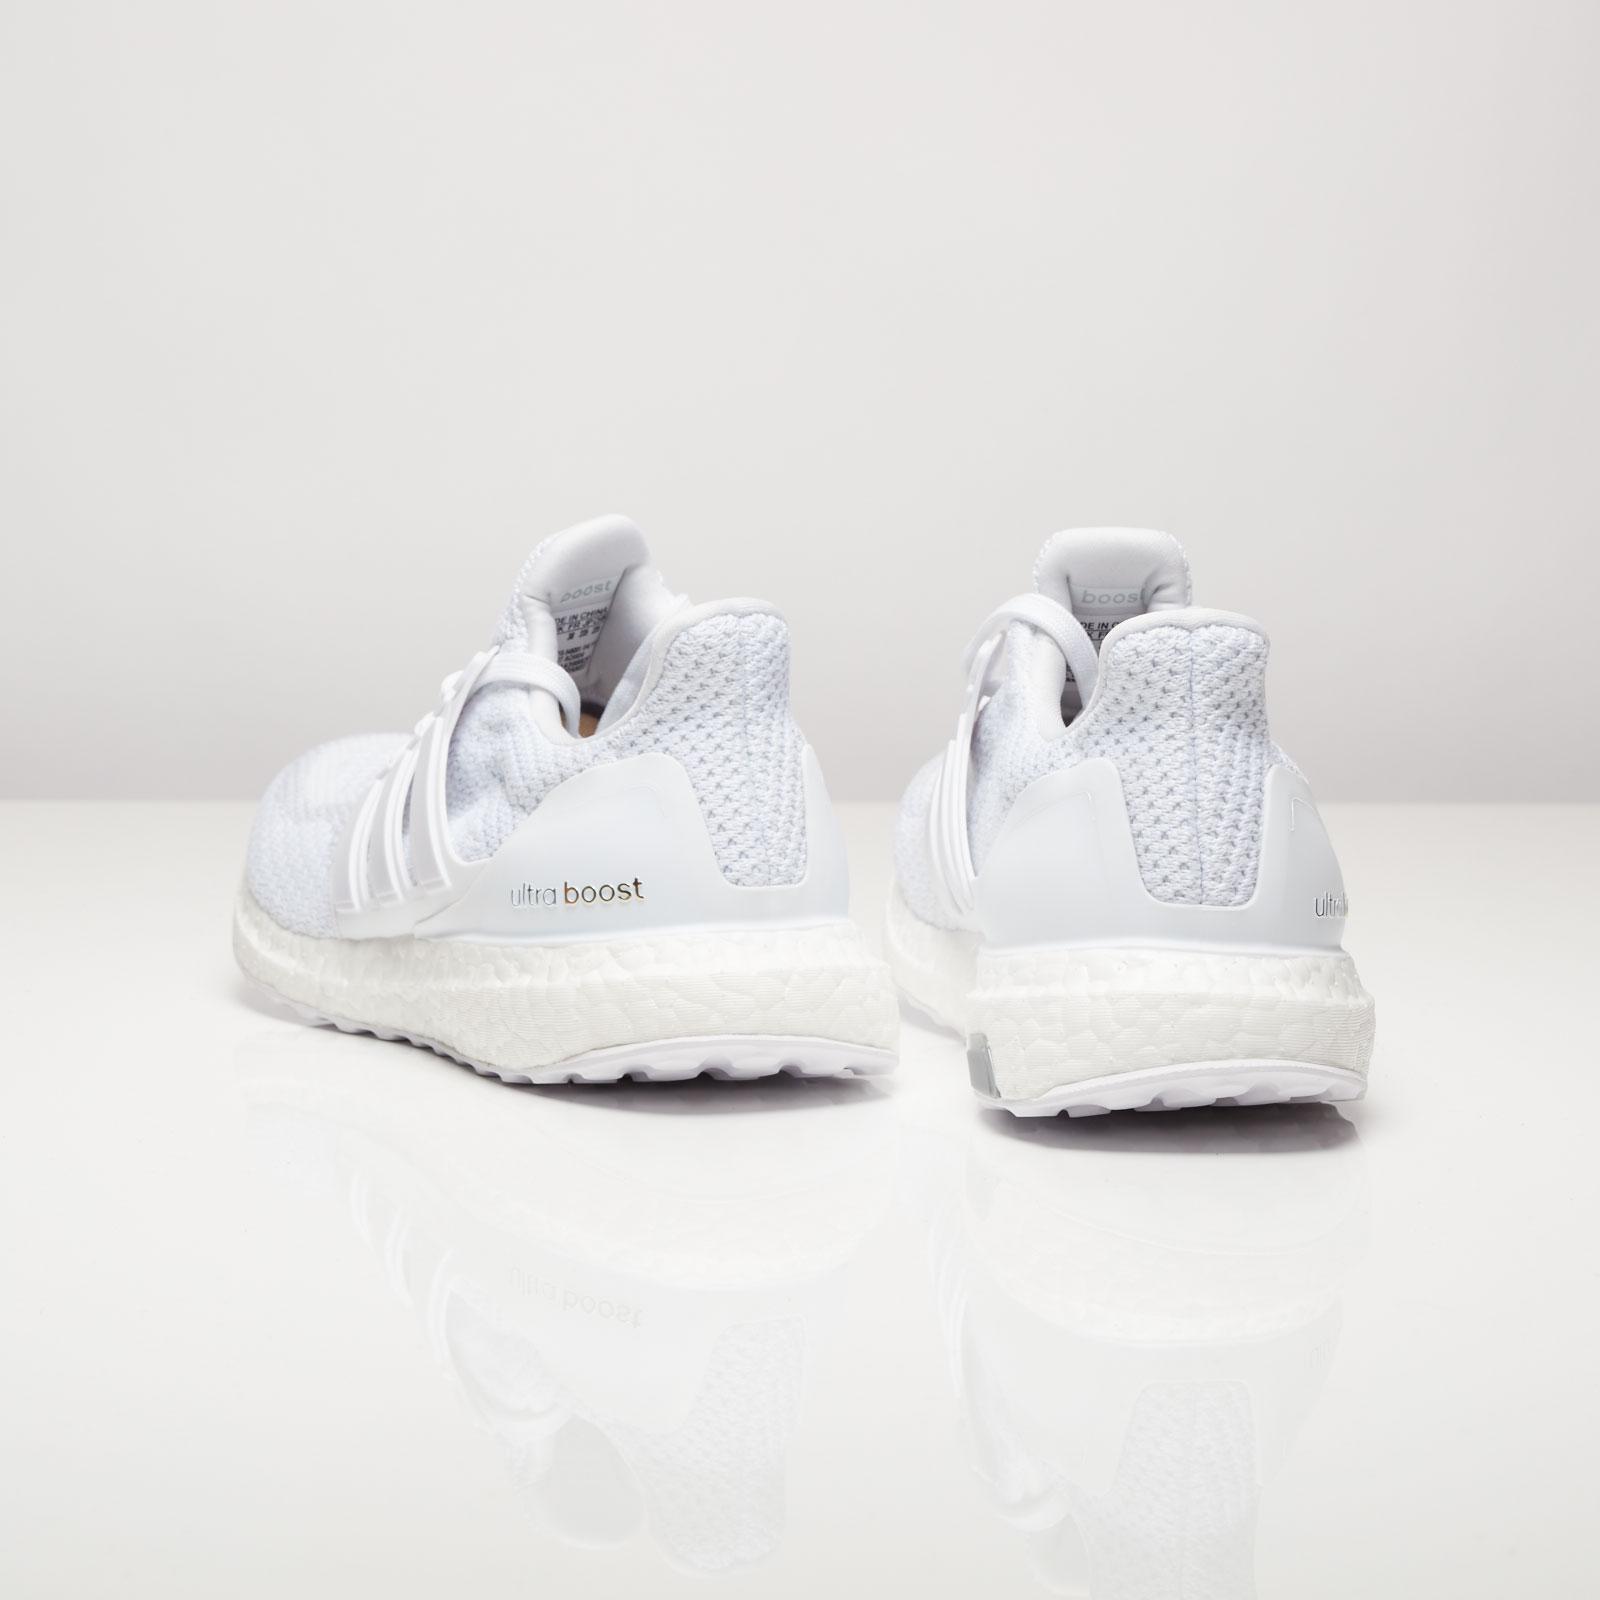 51801a9893633 adidas Ultra Boost W - Aq5934 - Sneakersnstuff